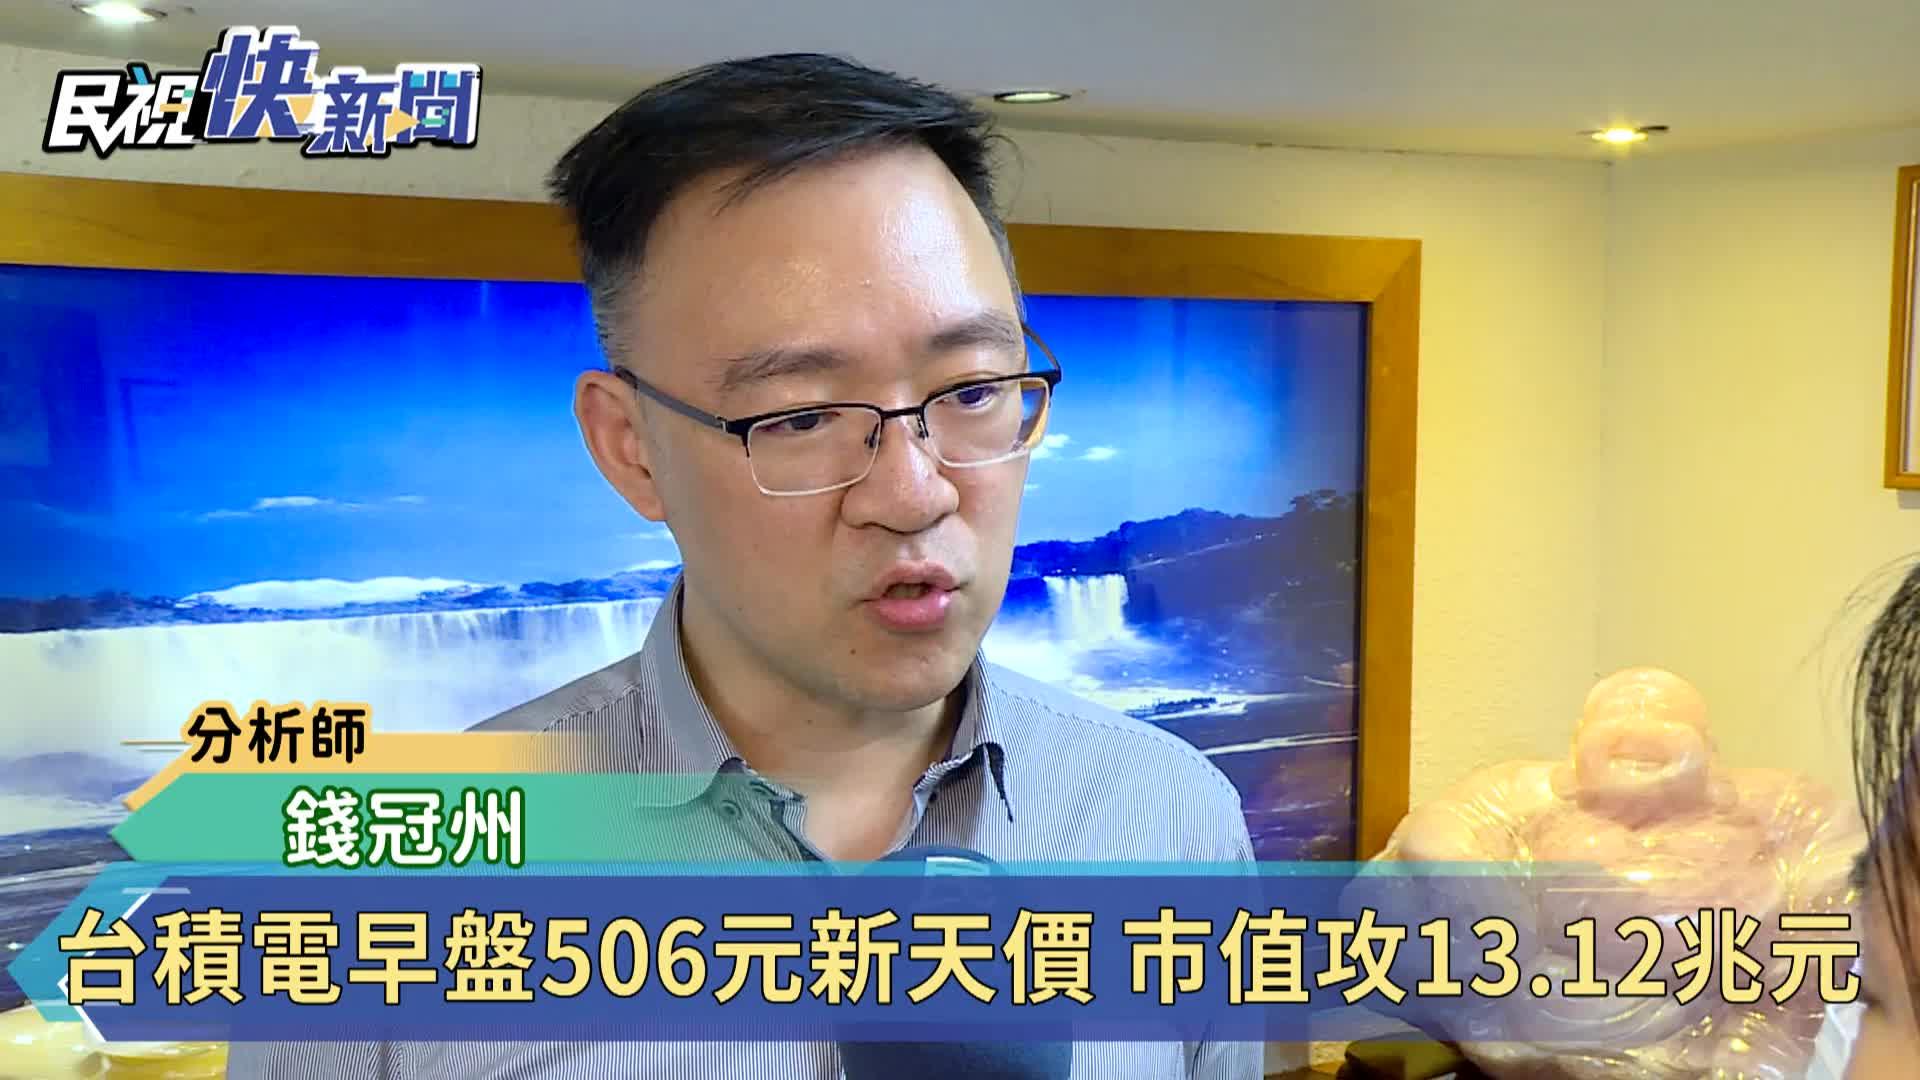 台積電早盤飆506元新天價 市值攻13.12兆元